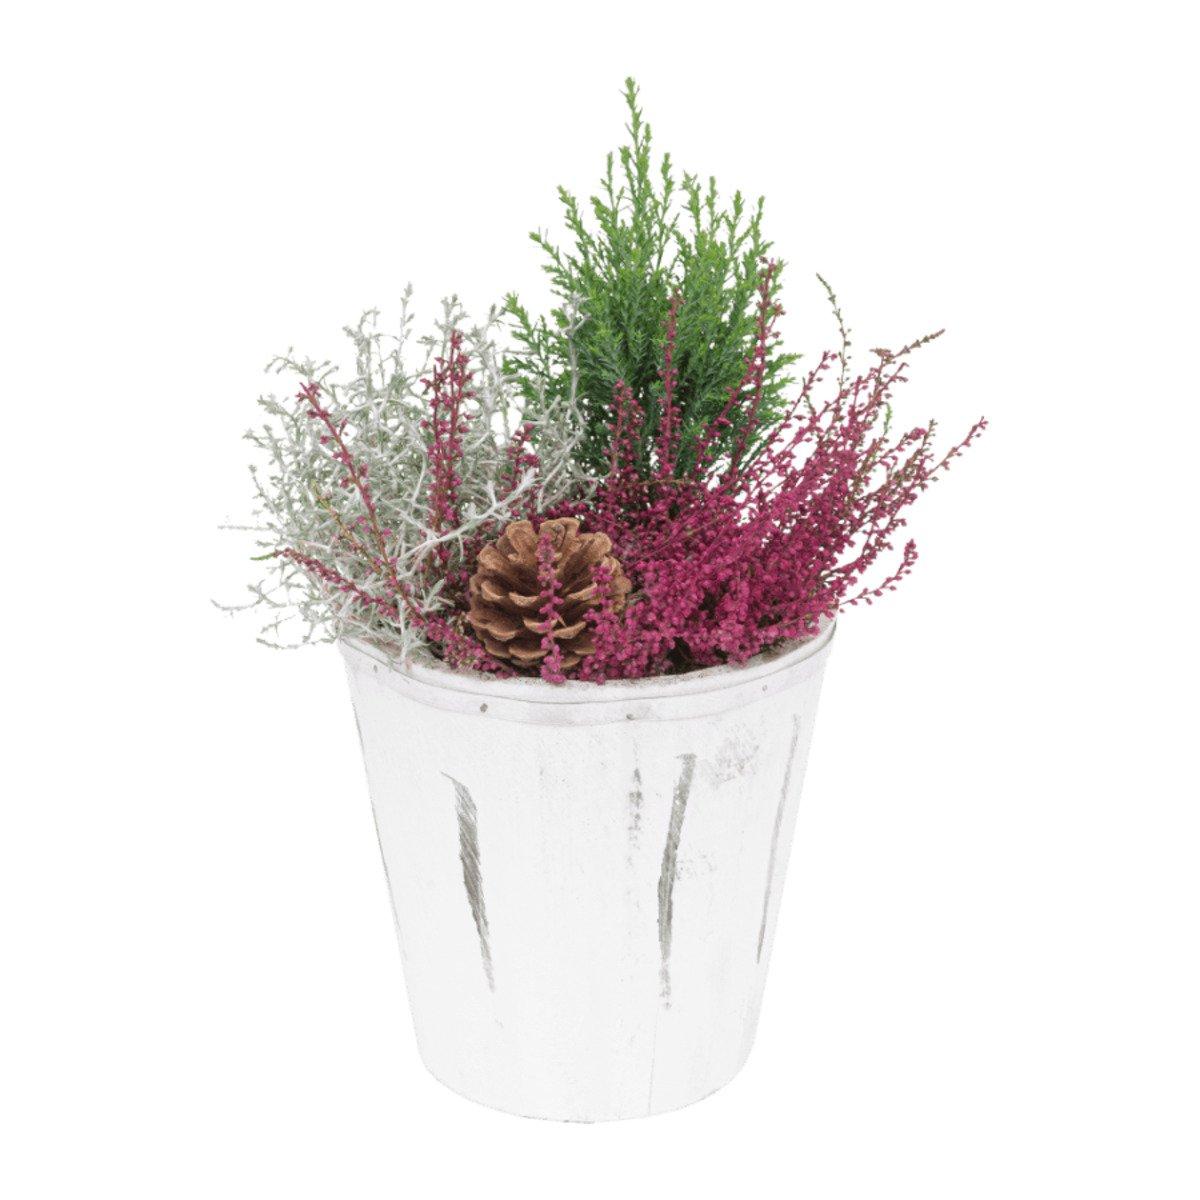 Bild 3 von GARDENLINE Bepflanztes Holzgefäß